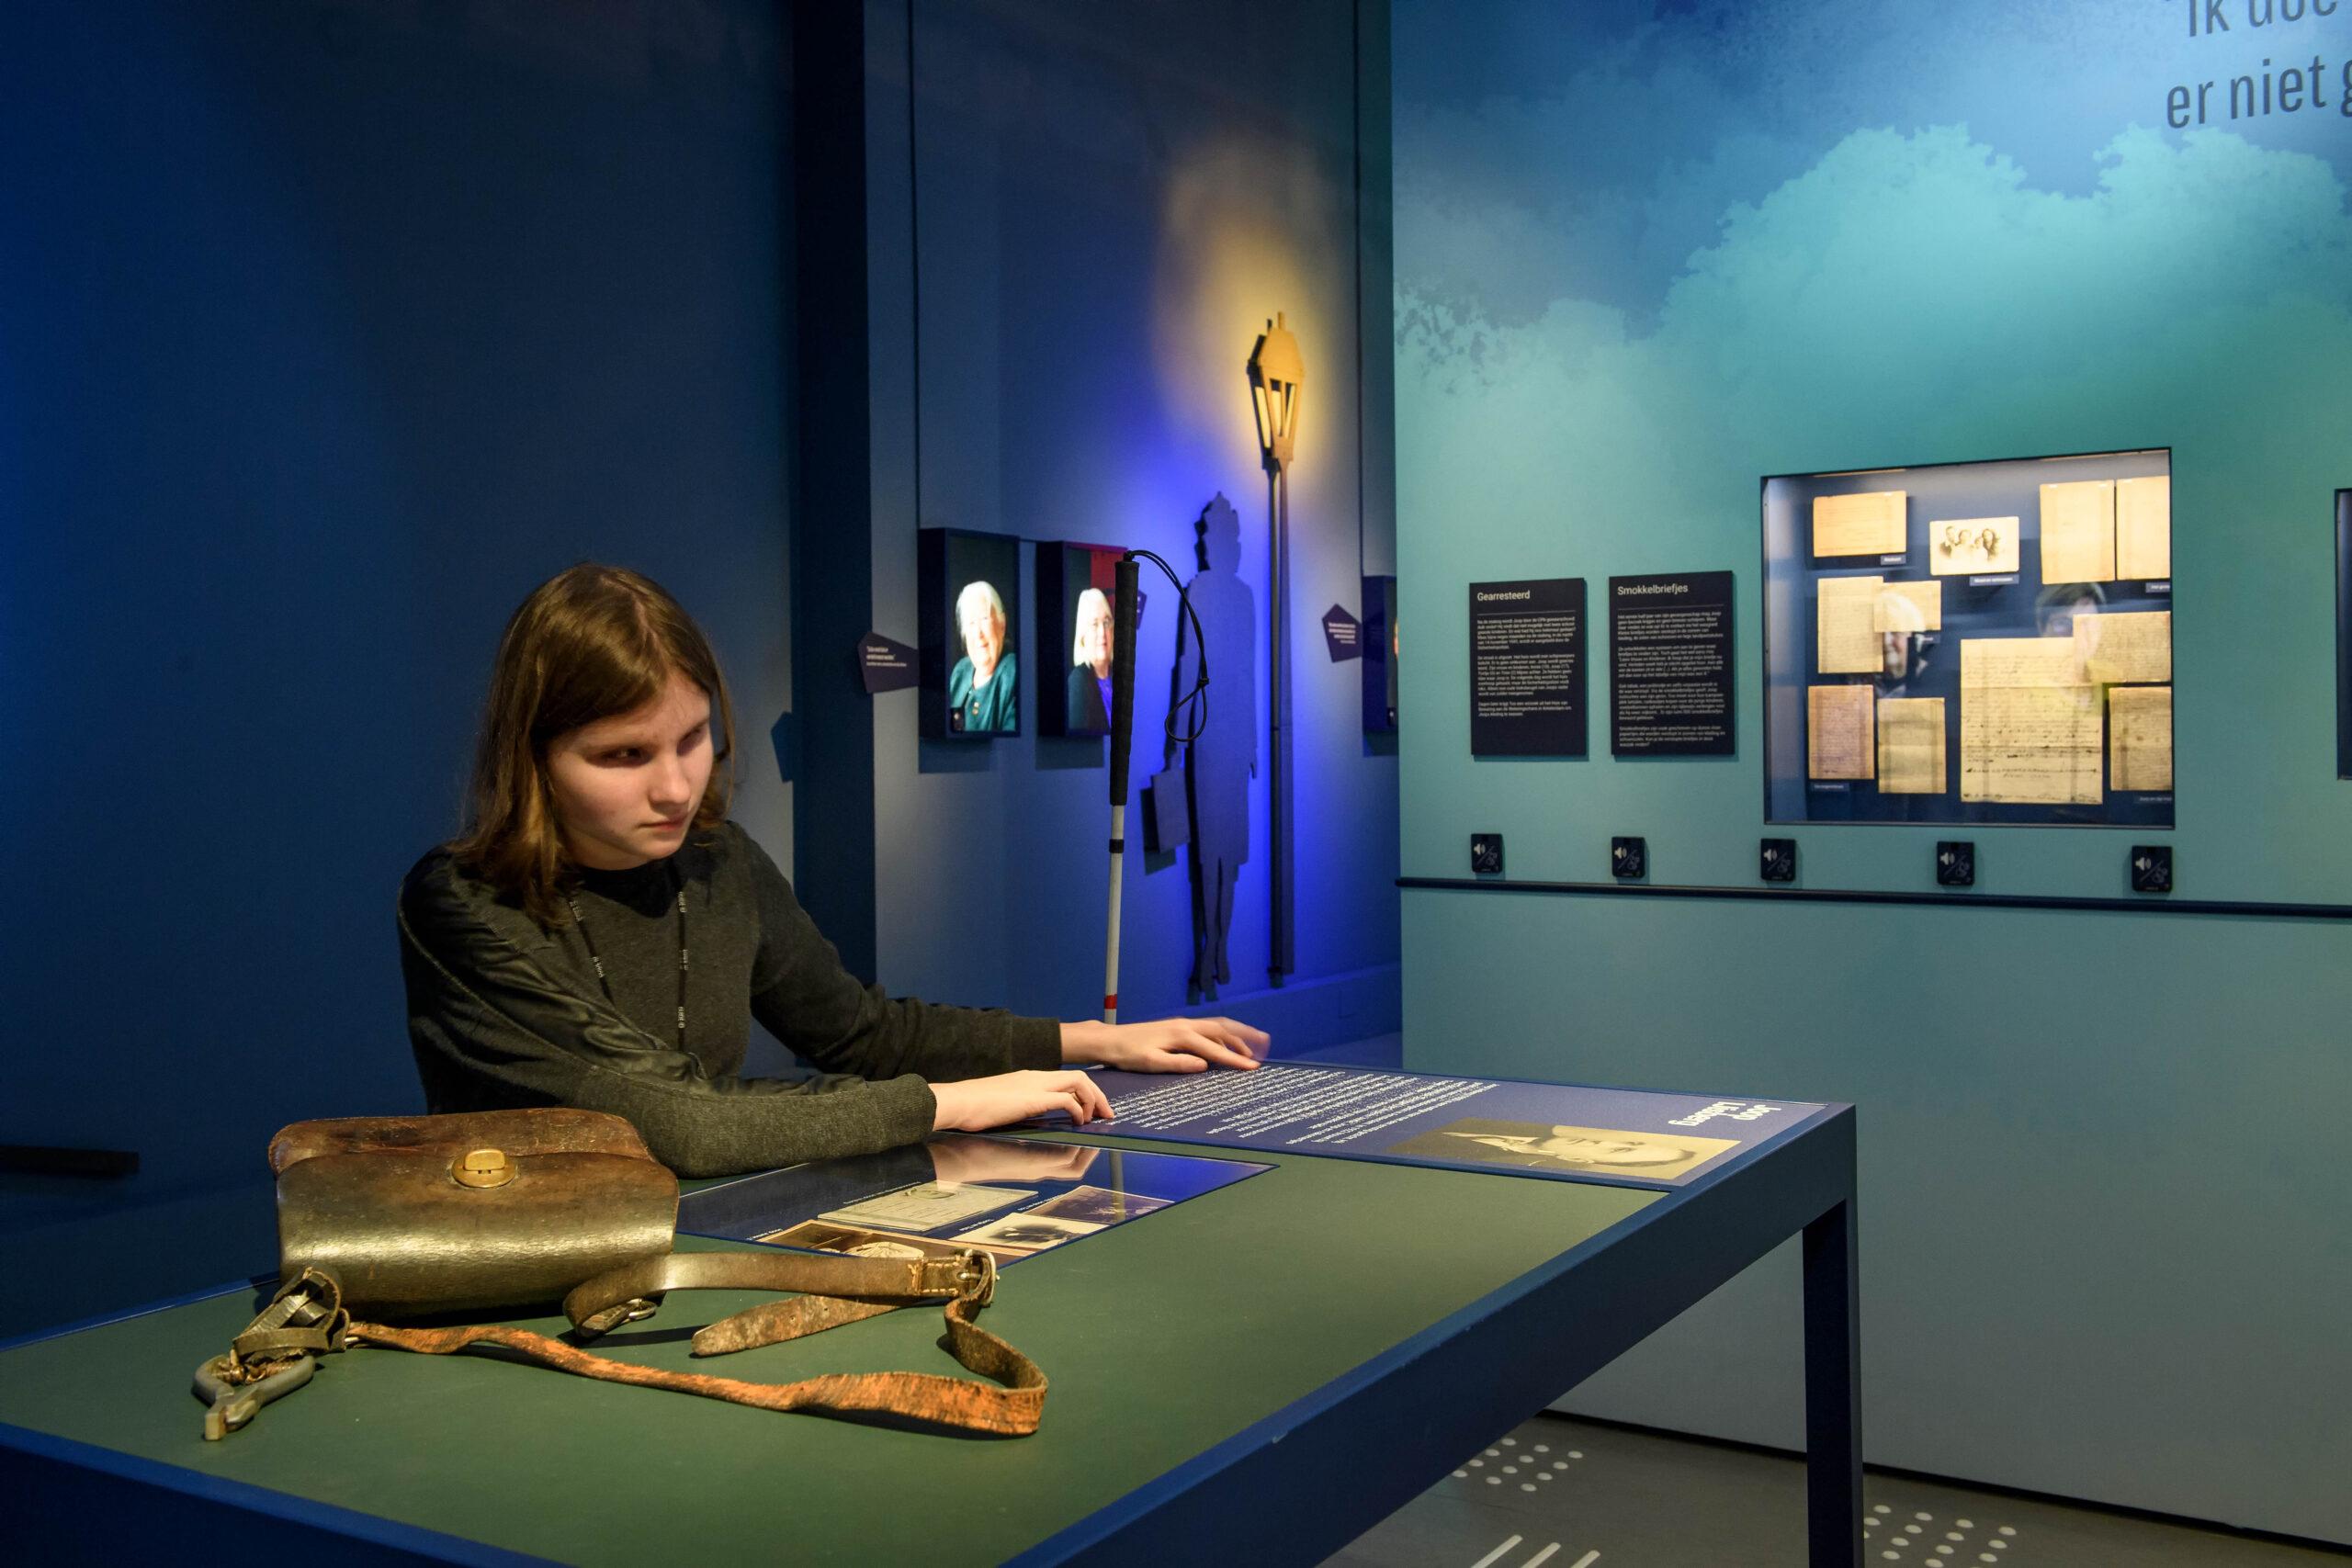 Ook het Verzetsmuseum in Amsterdam is bezig met het ontwikkelen van een opstelling waar al je zintuigen aan bod komen